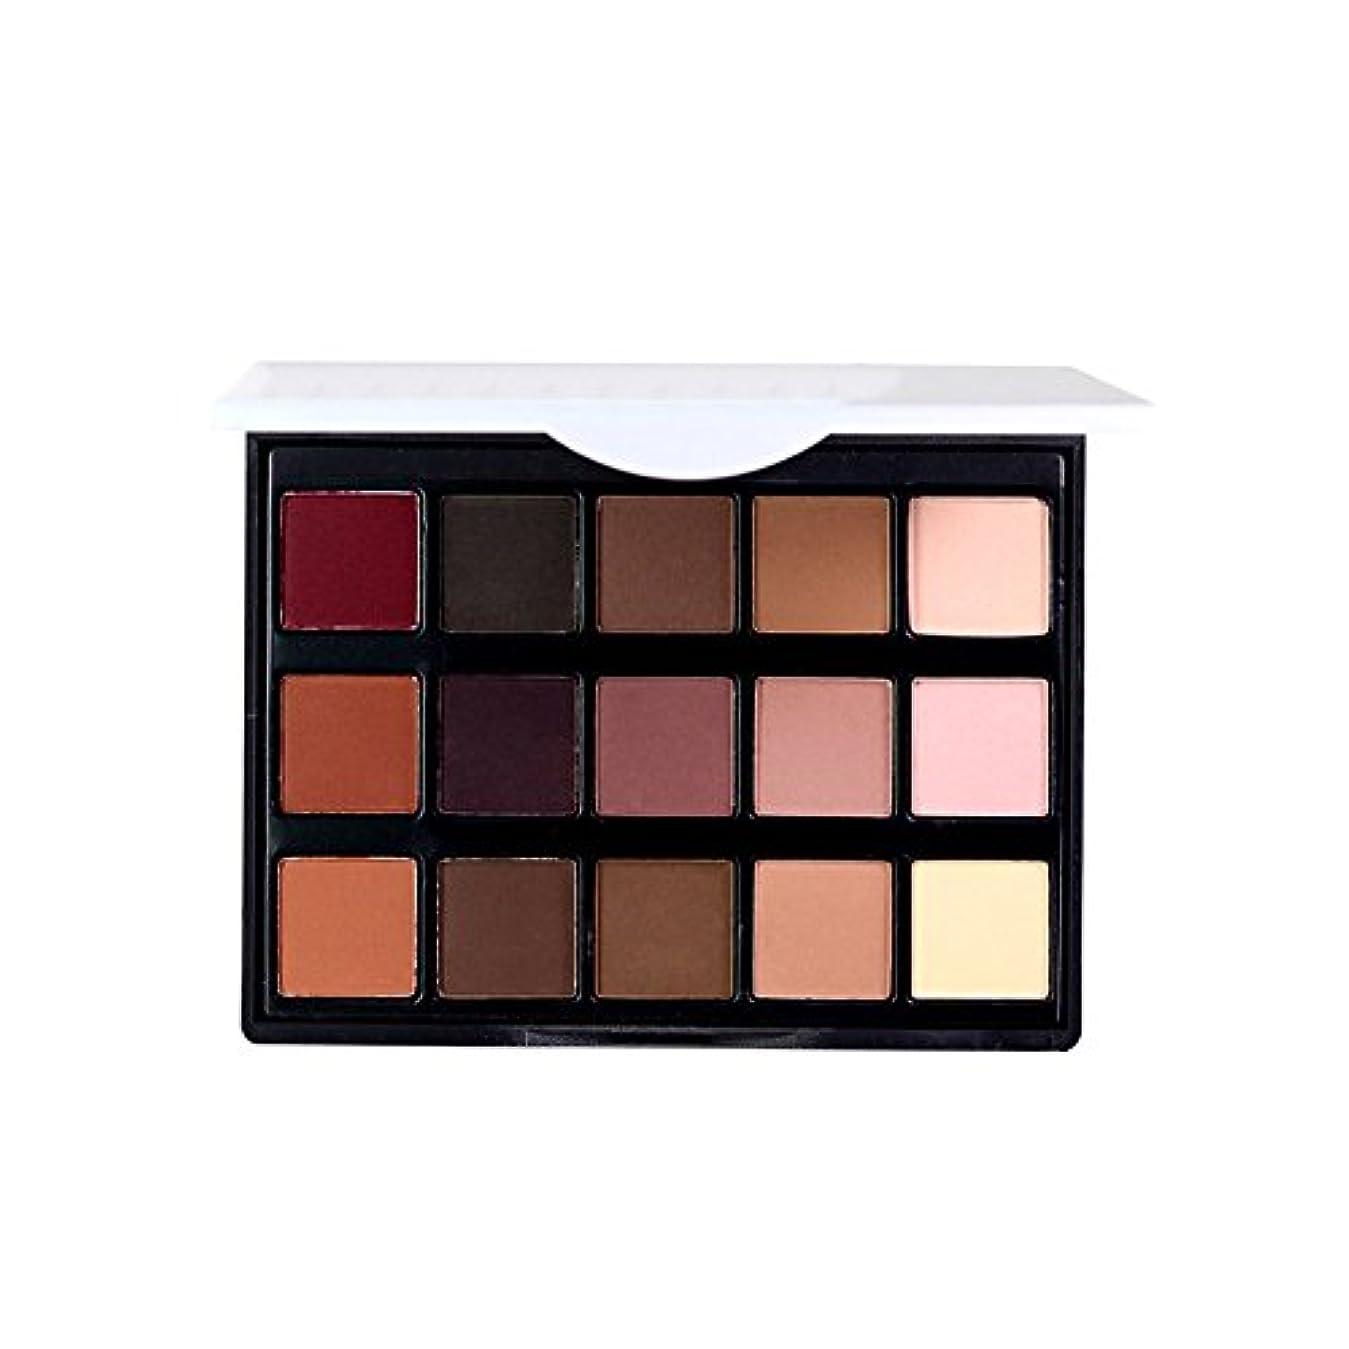 女性 プロフェッショナル15色 眼 影 化粧品 パレット アイシャドウ アイメイク アップ化粧品 1